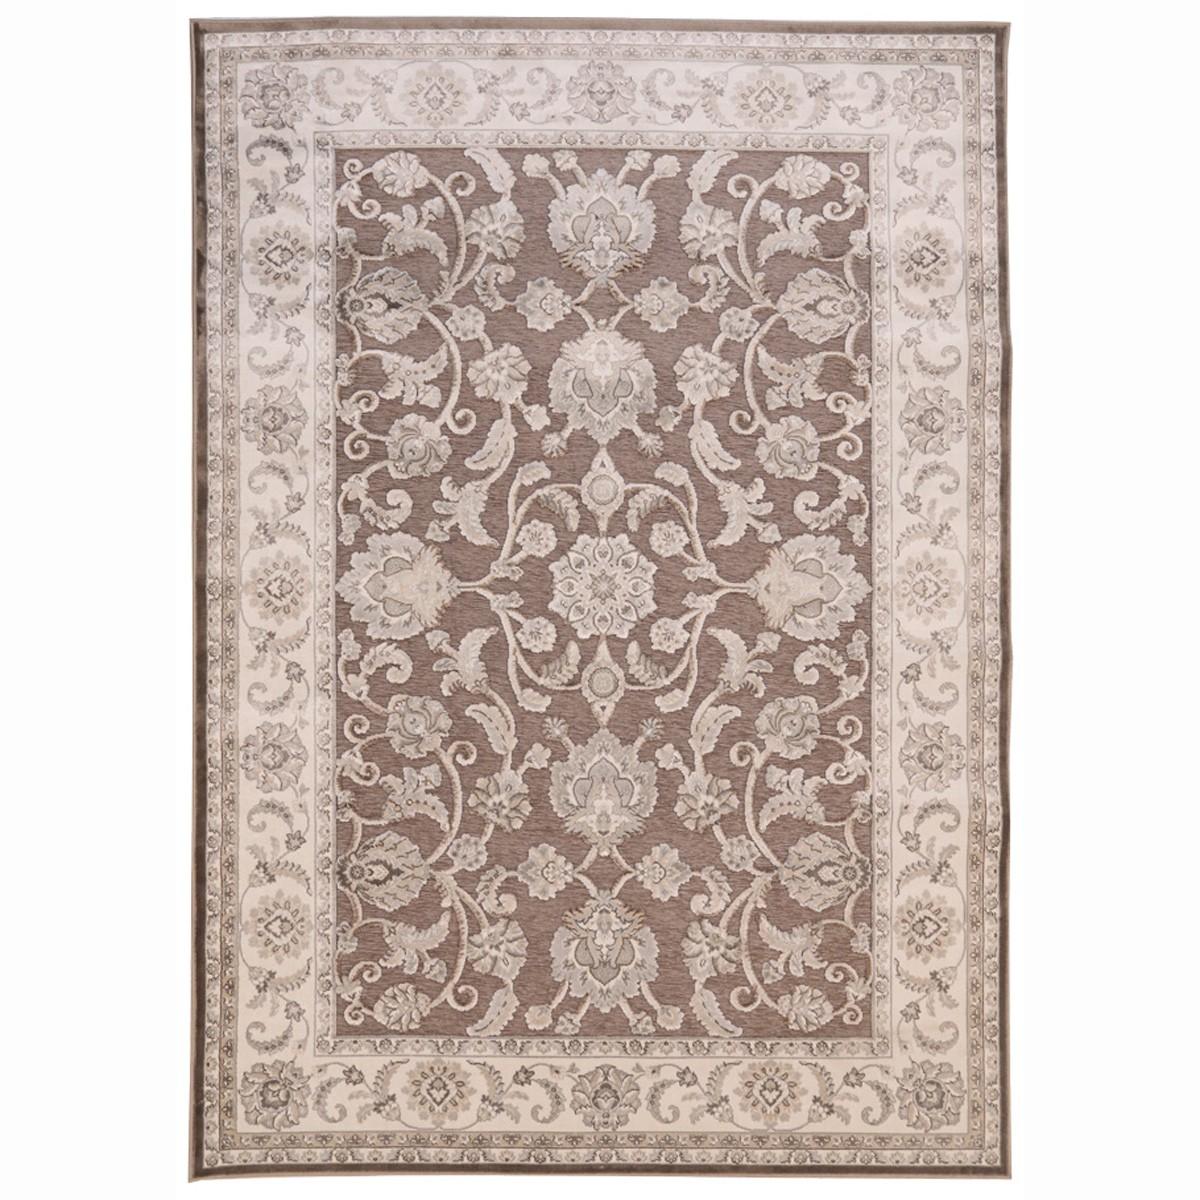 Χαλιά Κρεβατοκάμαρας (Σετ 3τμχ) Royal Carpets Tiffany Ice 938 Vi